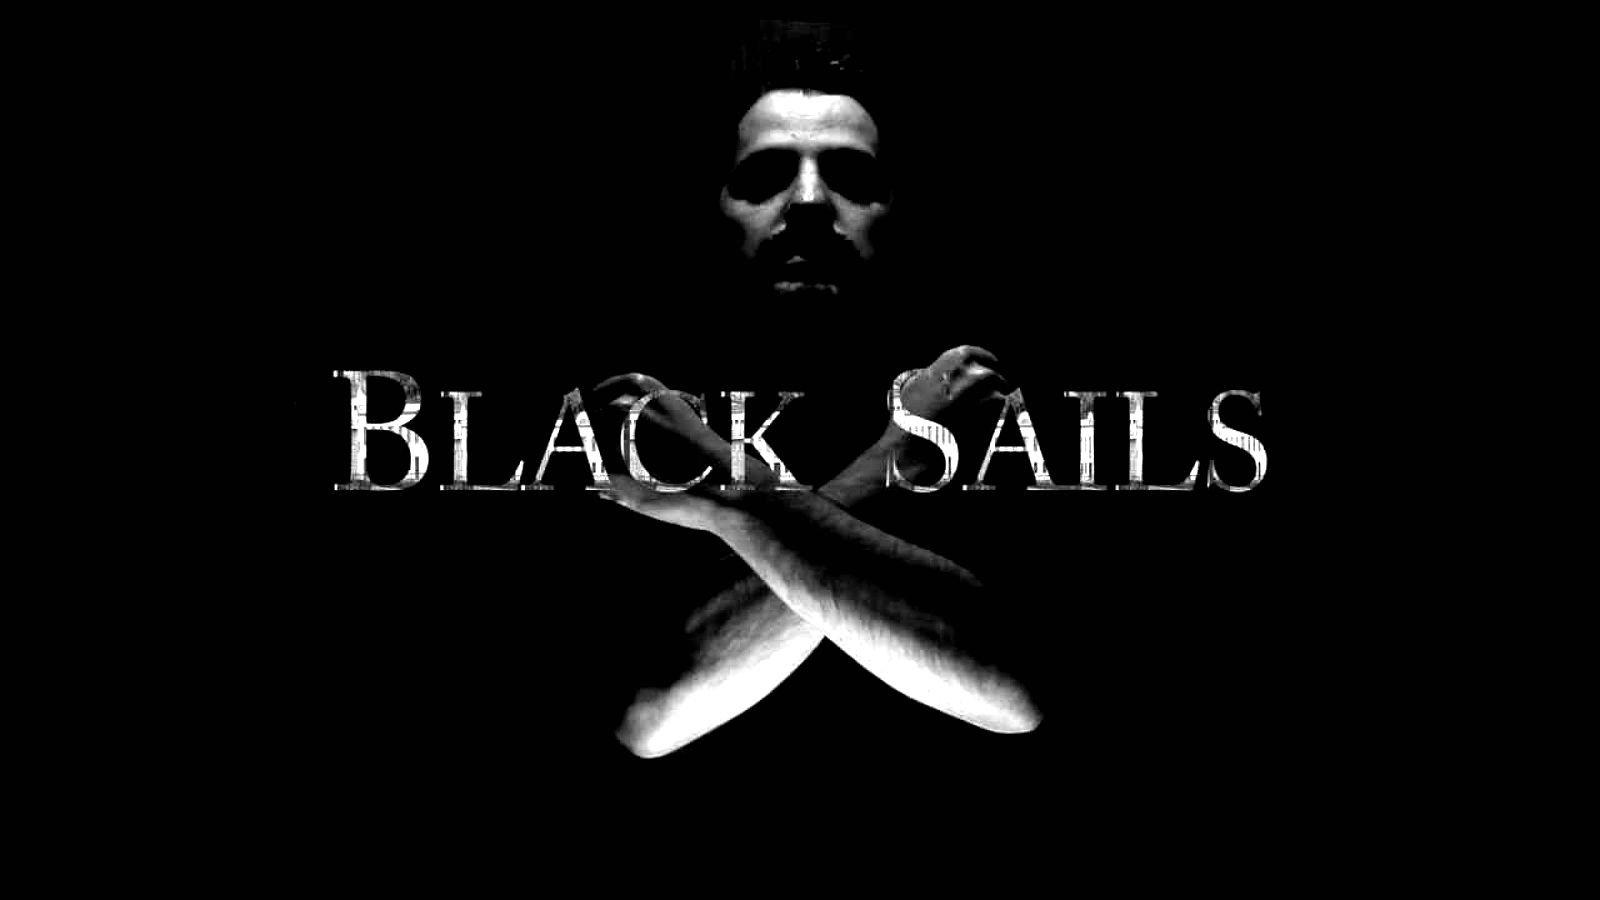 Hd Wallpapers Black Sails 1920 X 1080 218 Kb Jpeg HD Wallpapers 1600x900